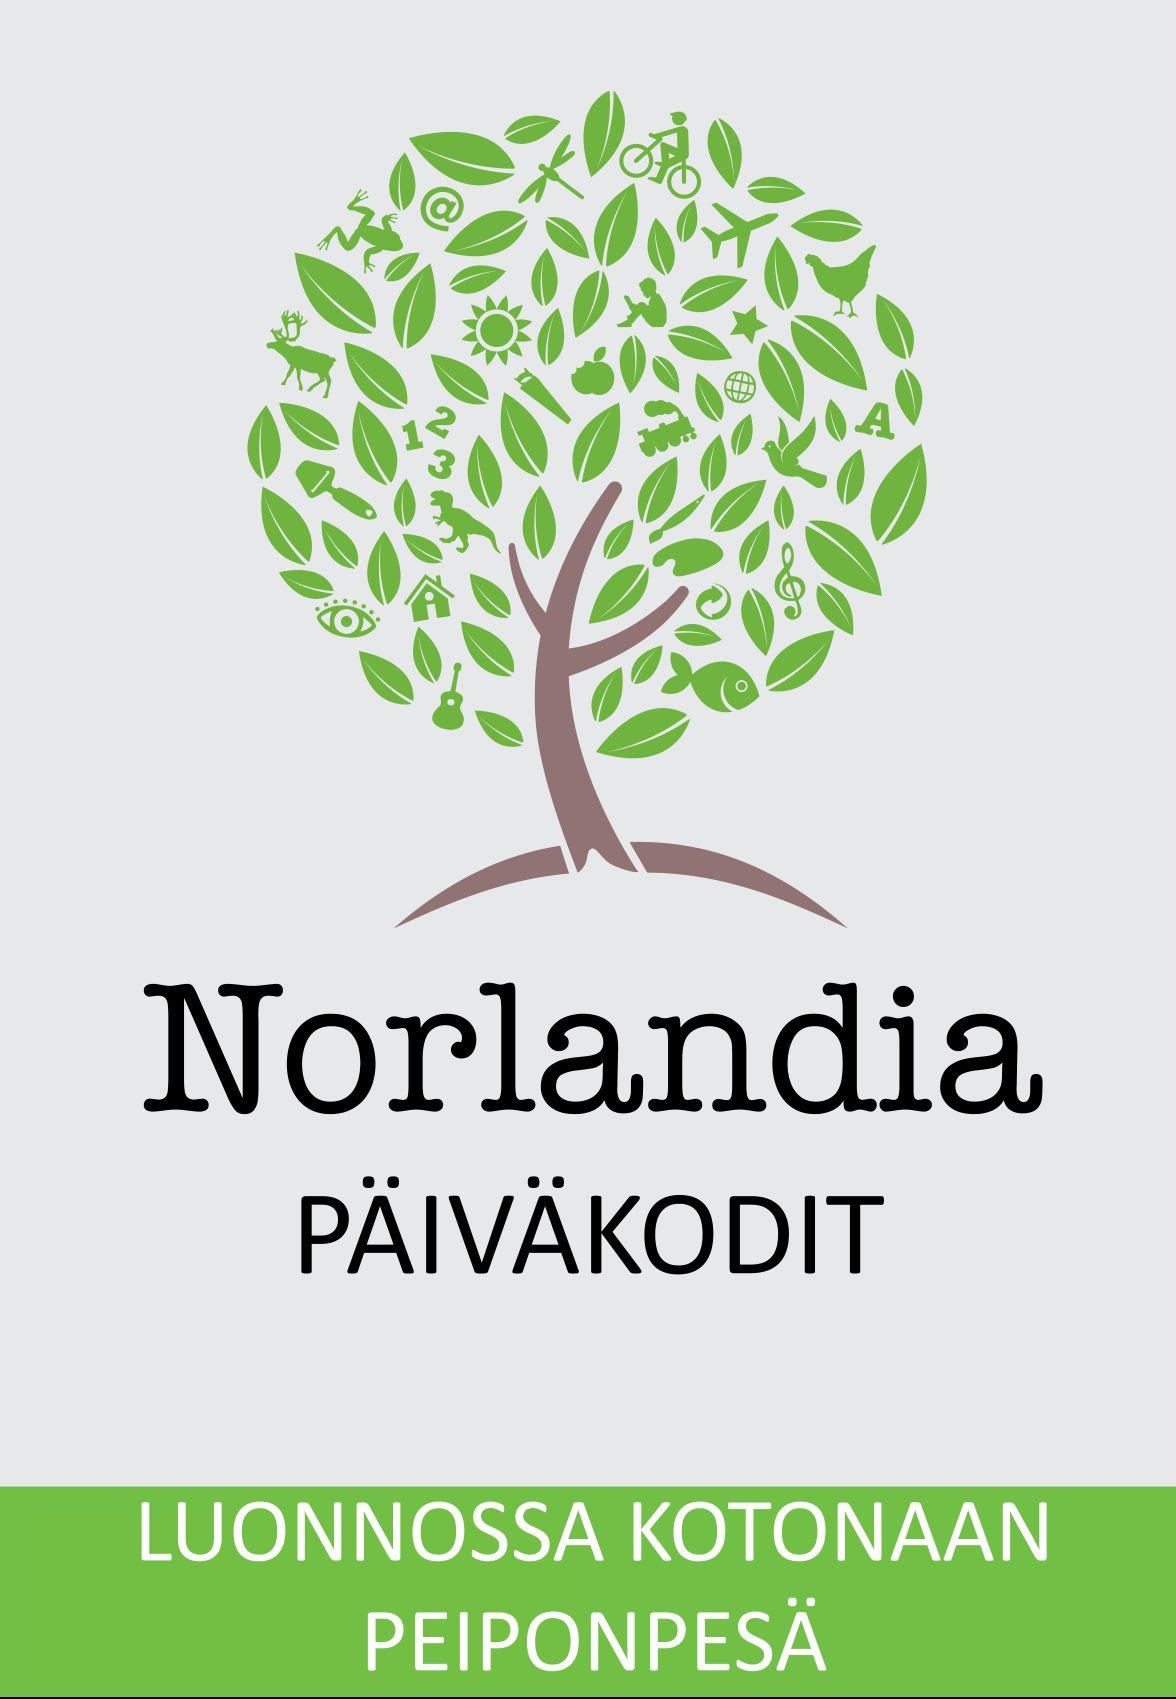 Norlandia Päiväkoti